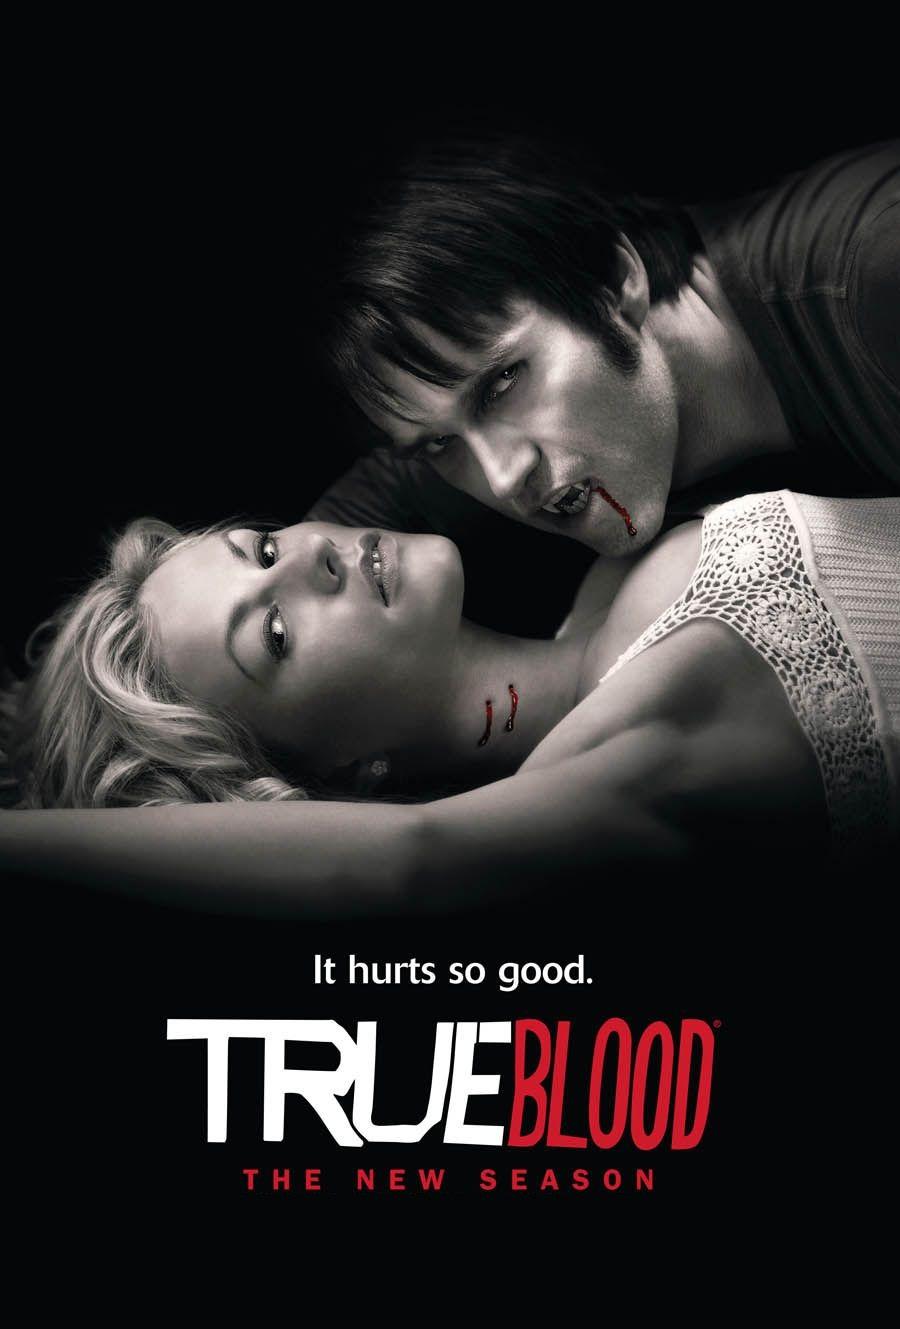 true blood season 2 poster